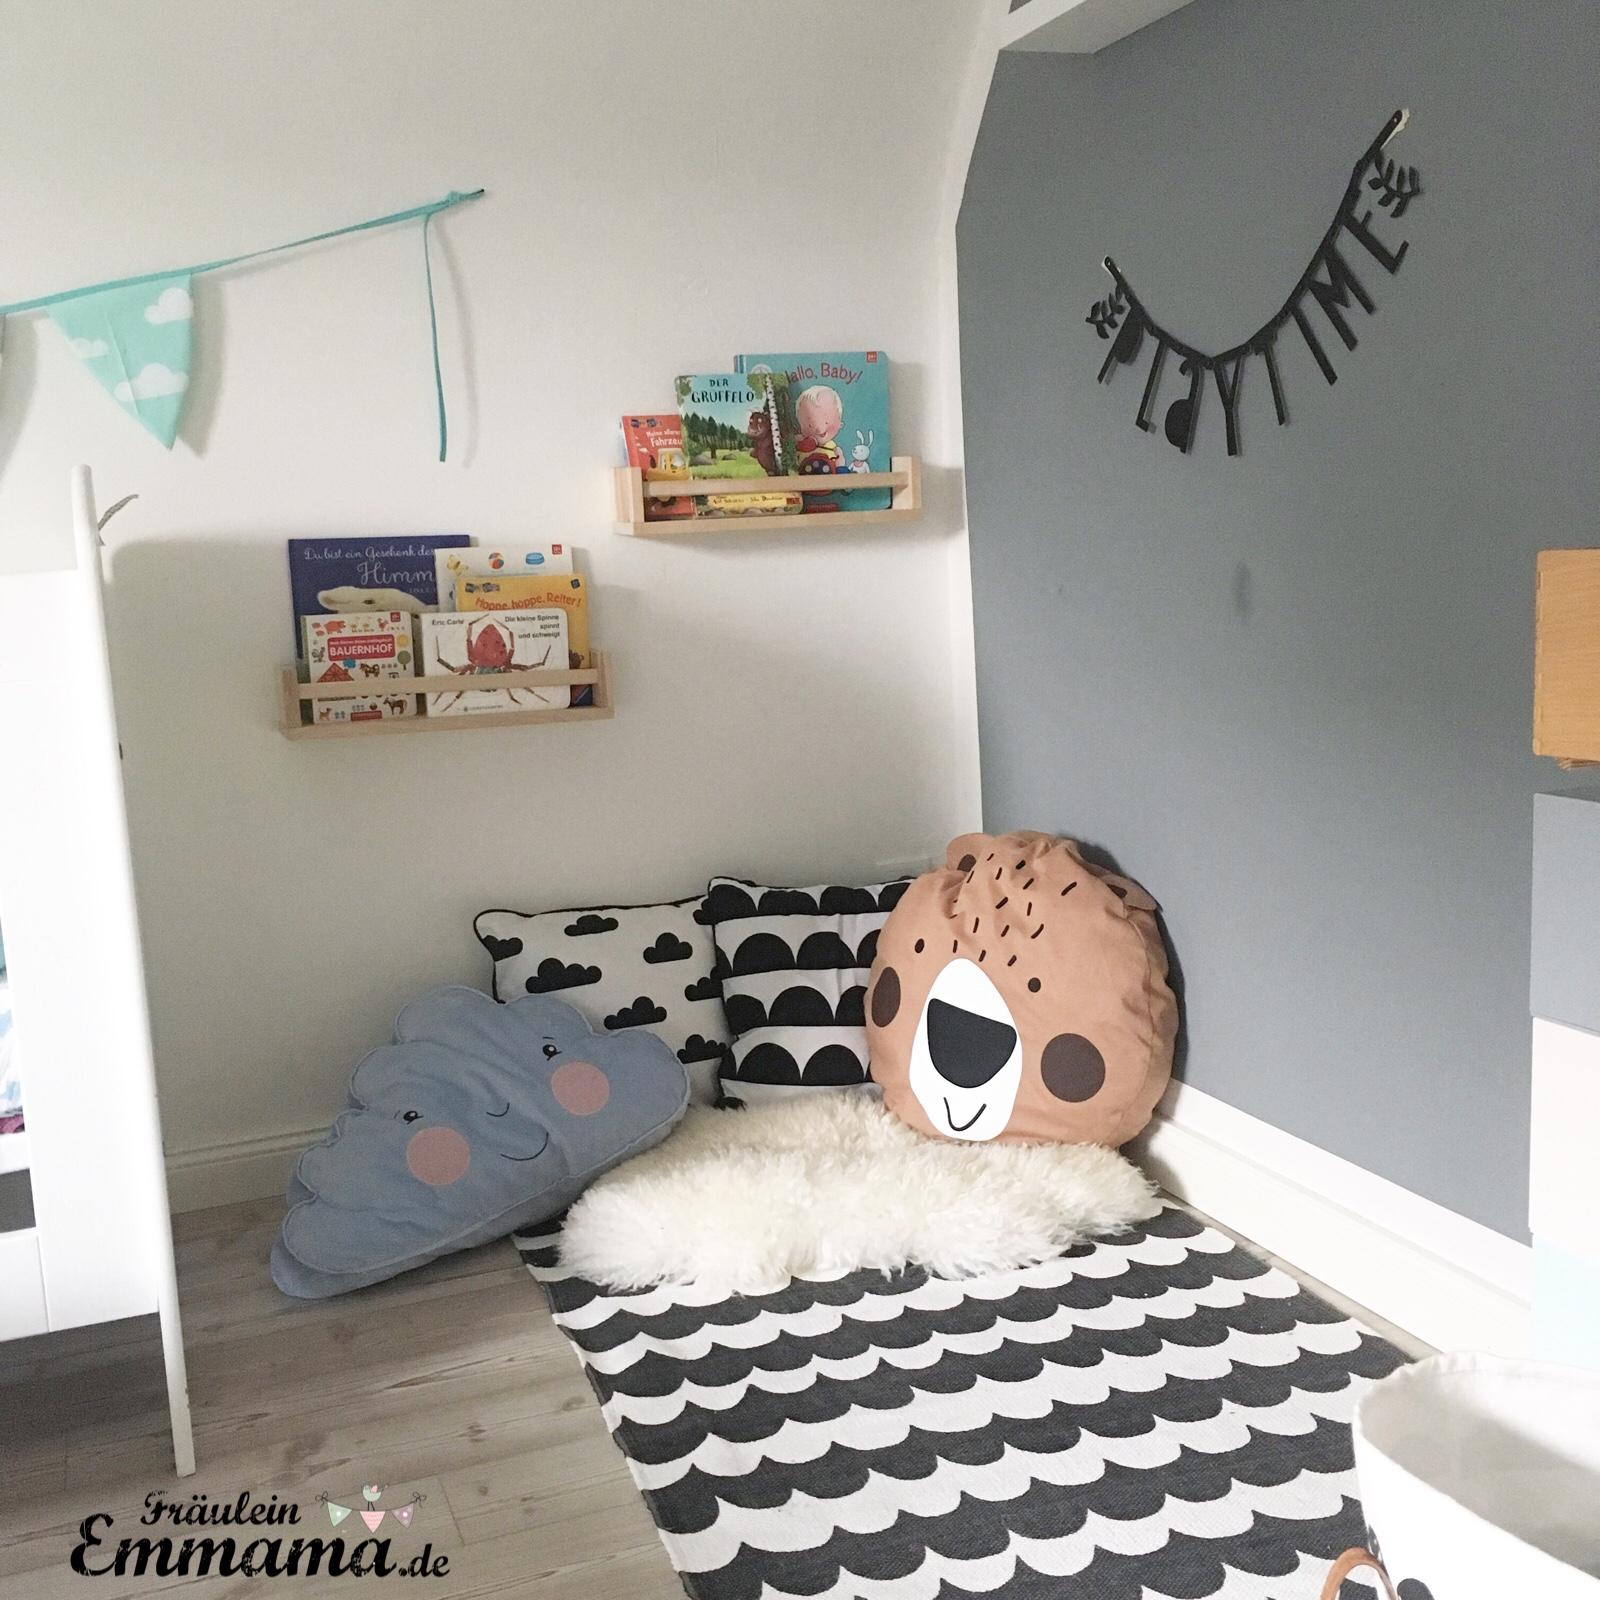 Kinderzimmer Archive - Fräulein Emmama